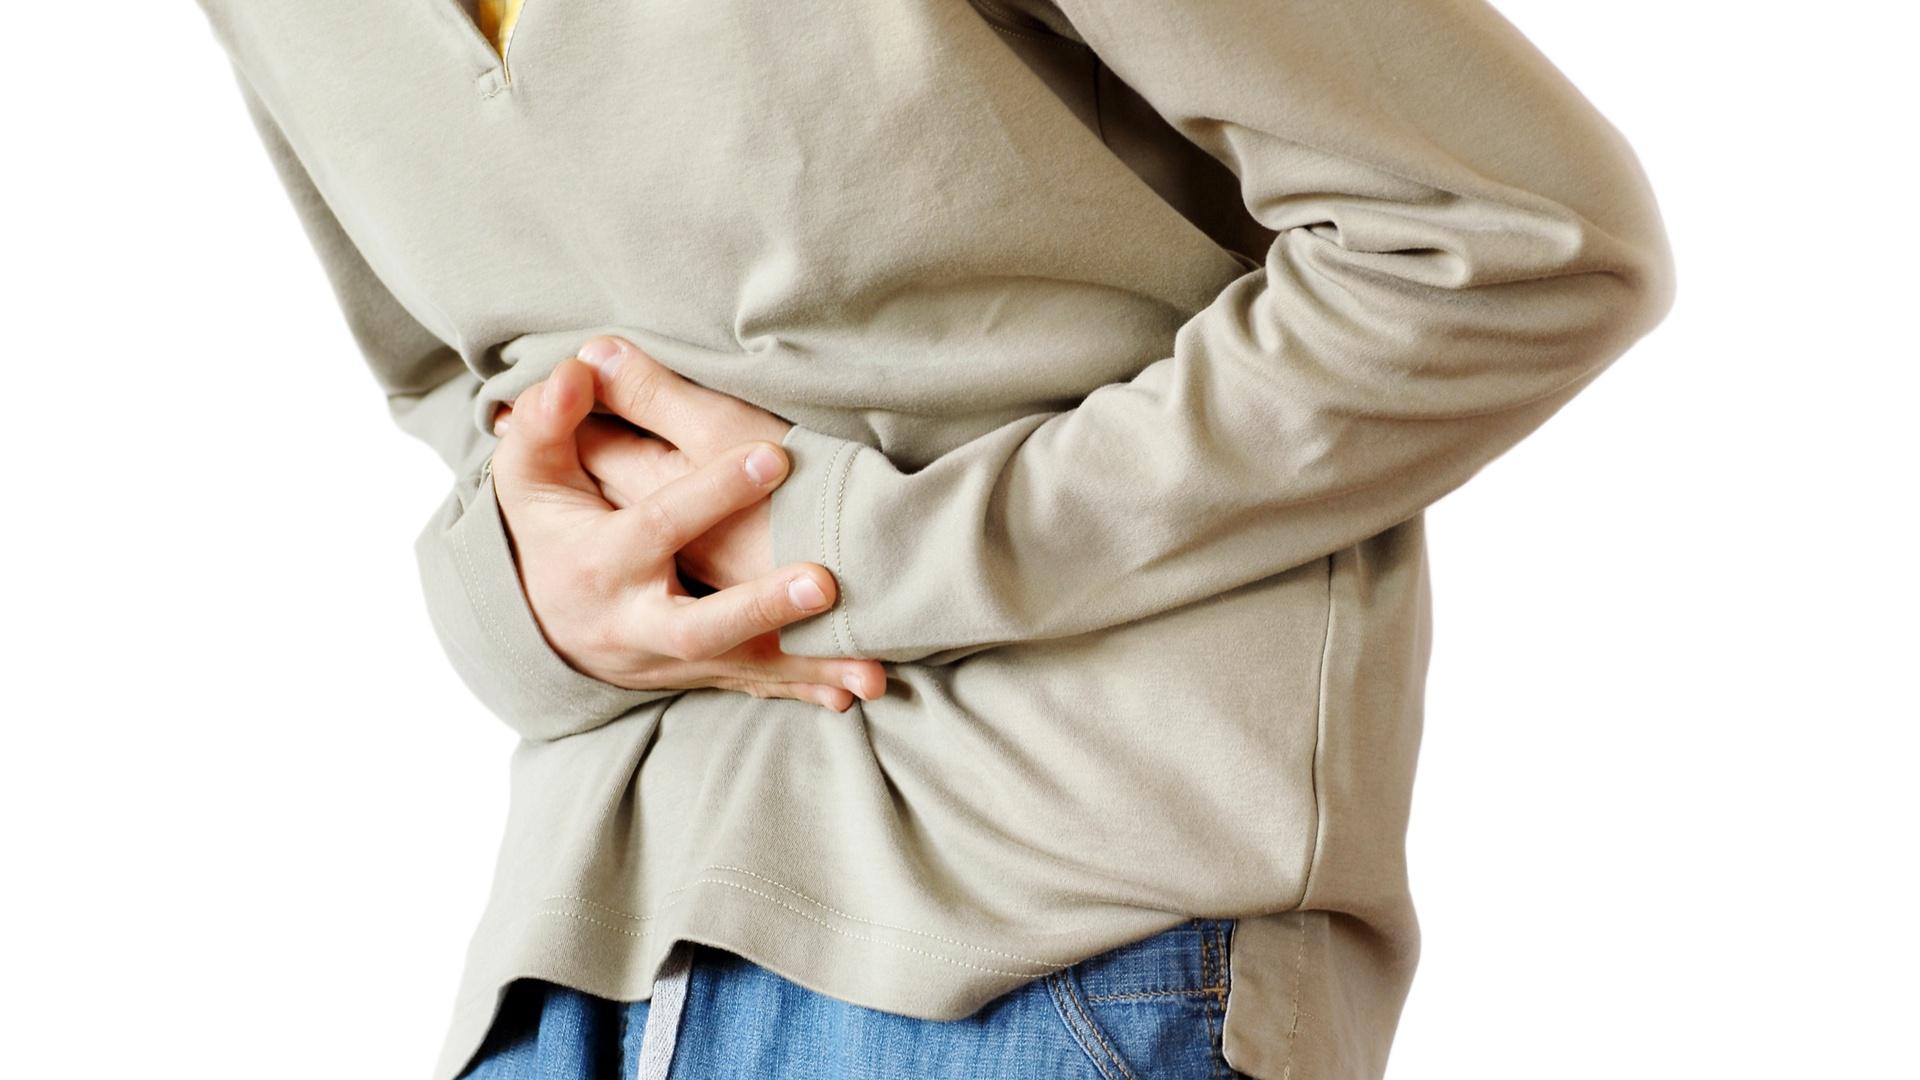 Sentencia declara incapacidad total por trastorno digestivo a carpintero